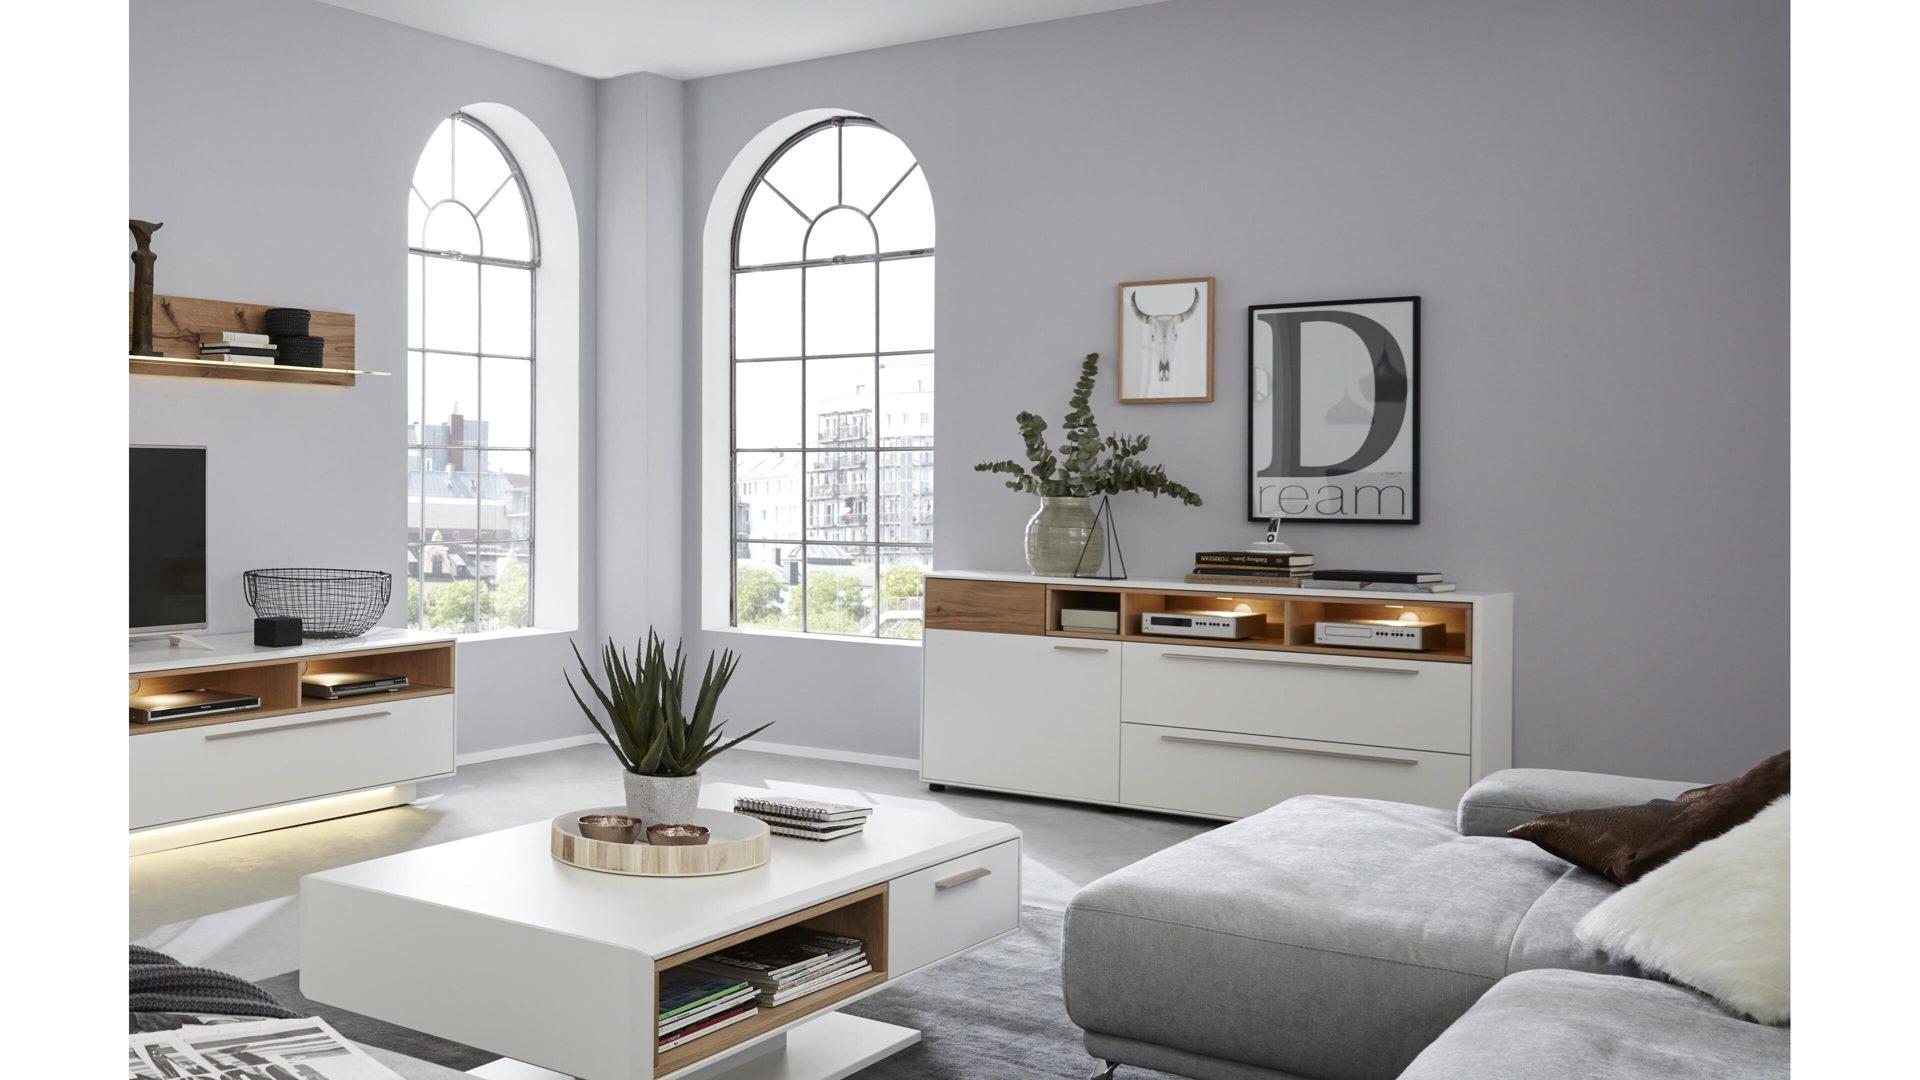 sideboard die hausmarke il aus holz in holzfarben interliving wohnzimmer serie 2102 sideboard helles